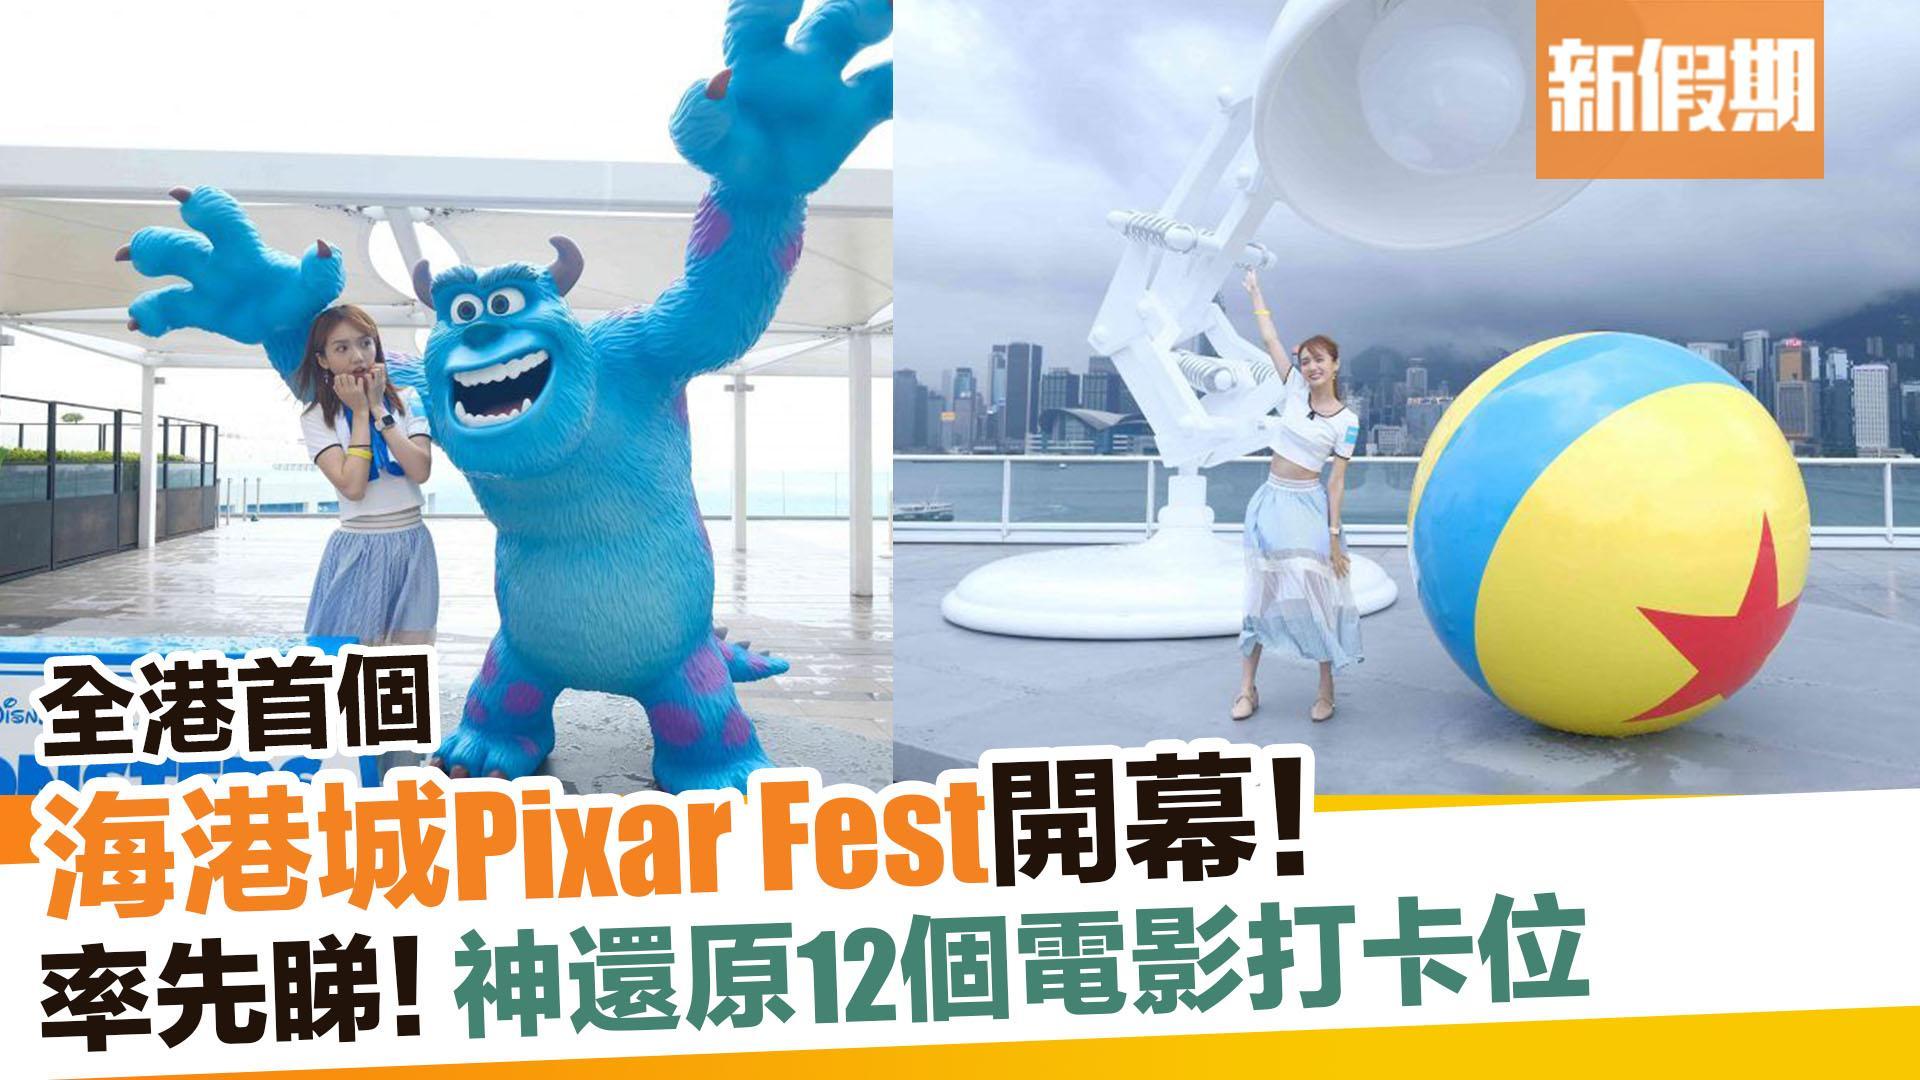 【香港好去處】海港城Pixar Fest開幕!12個經典電影場景打卡位 Toy Story/怪獸大學/Inside Out 新假期